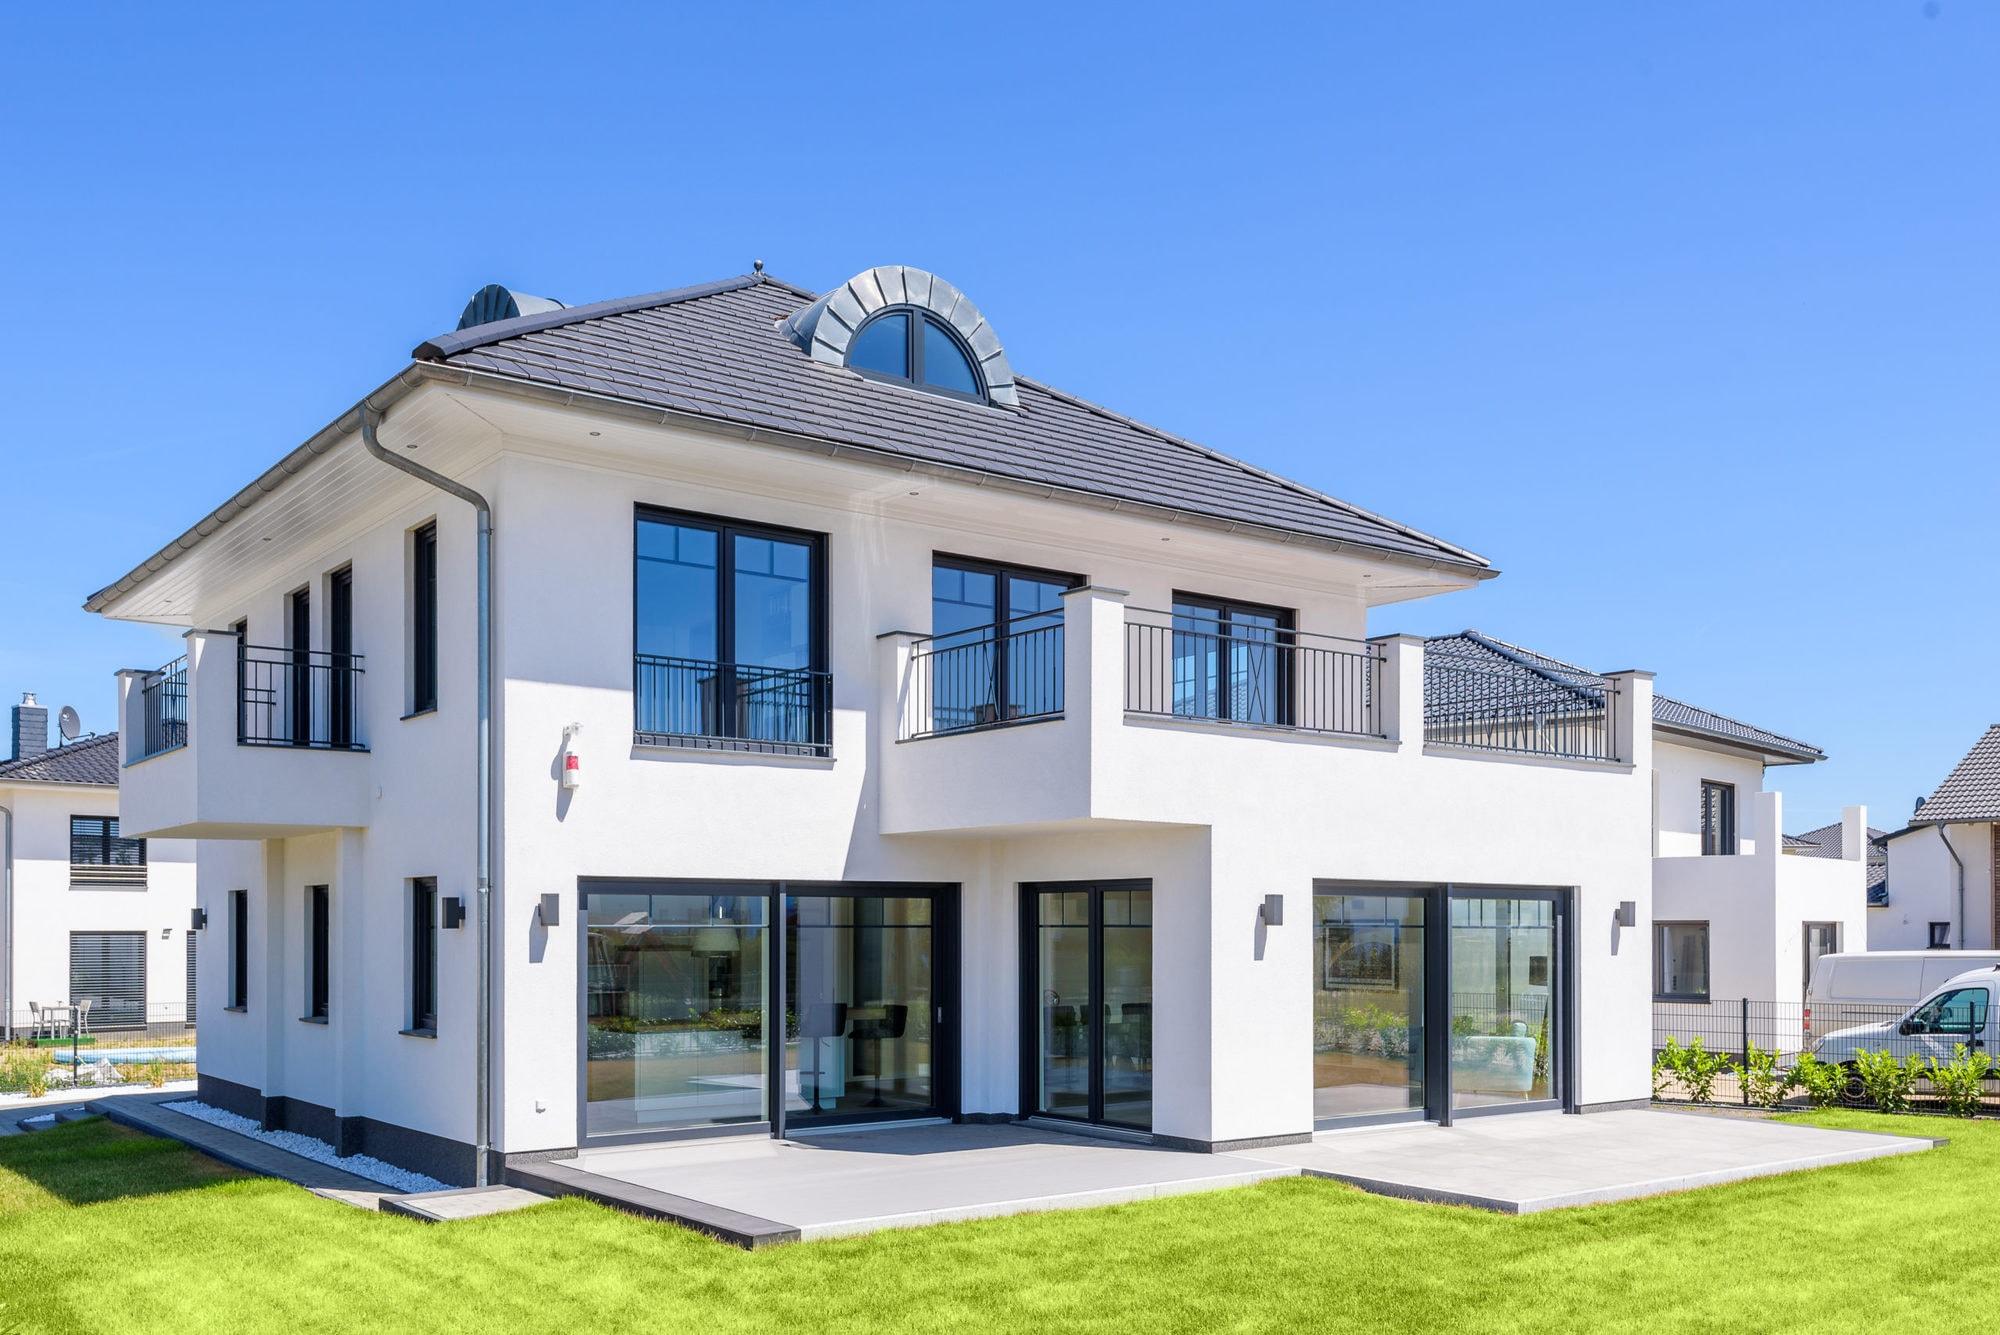 stadtvilla-mit-ausgebautem-dachgeschoss-1